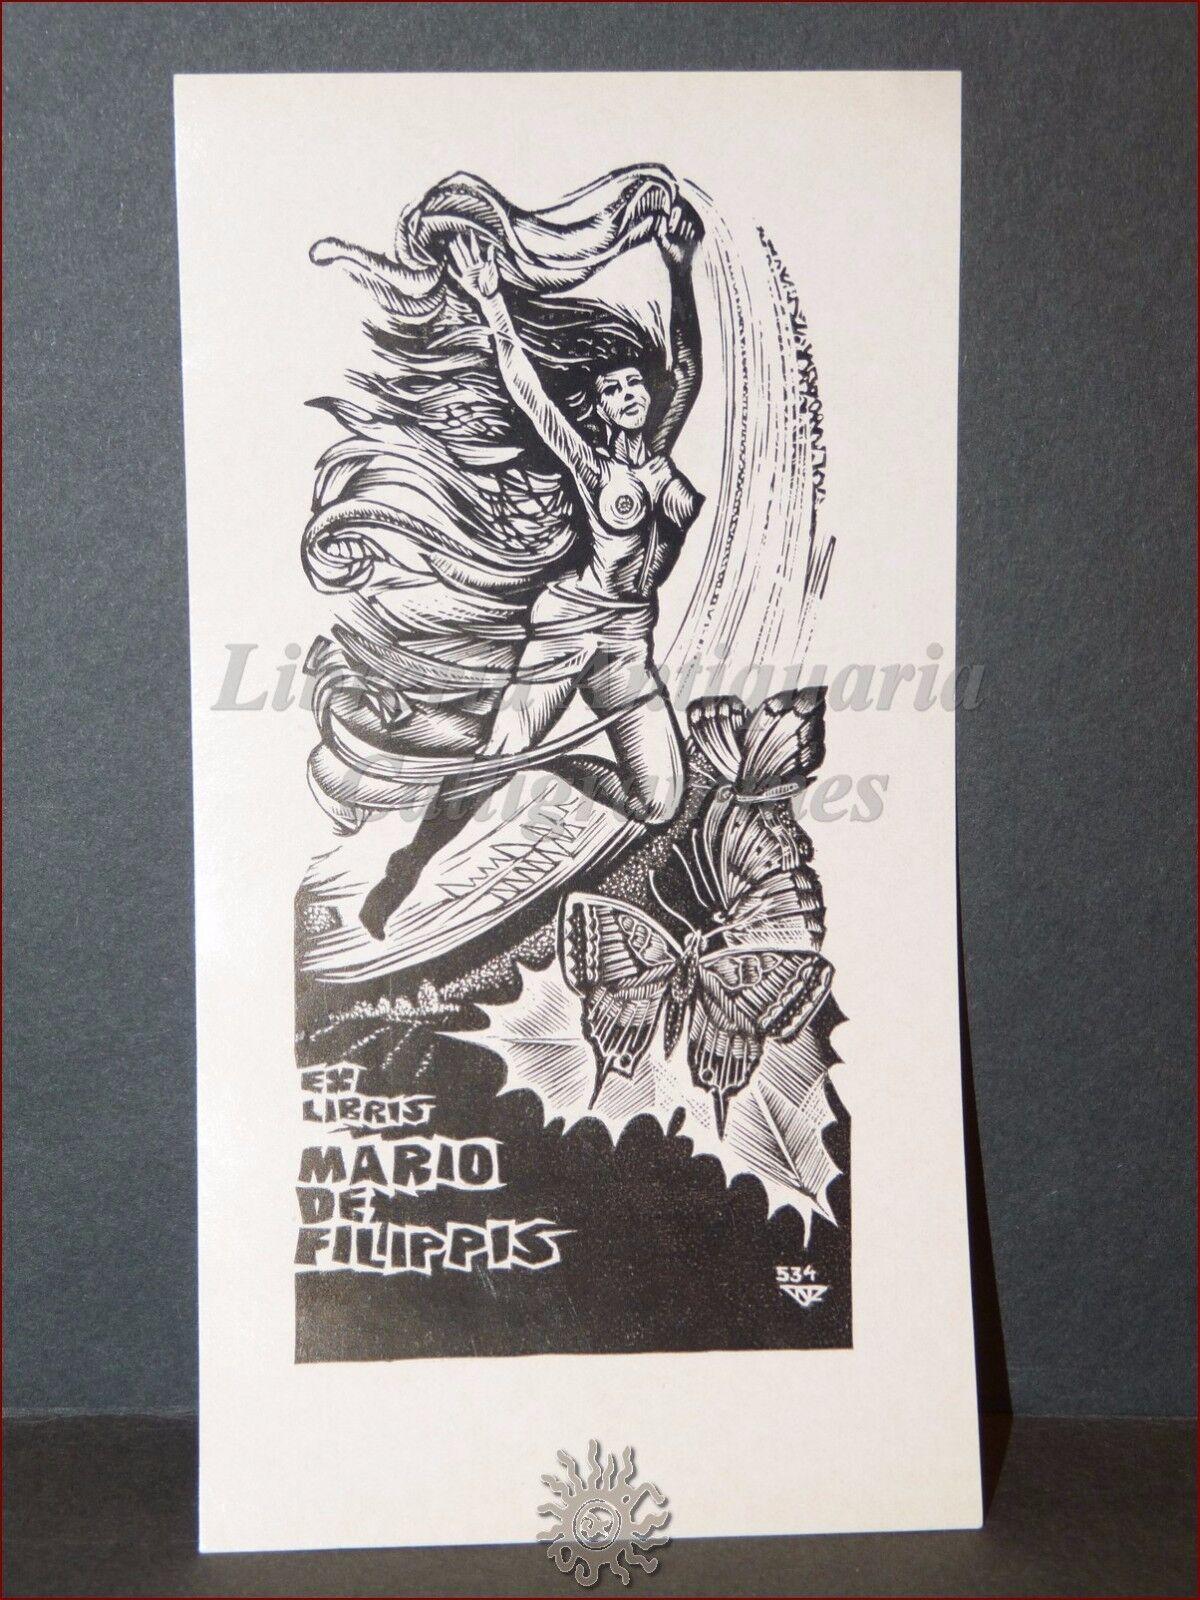 EROTICA - Ex-Libris Originale NAGY LASZLO LAZAR Donna Farfalle Mario De Filippis